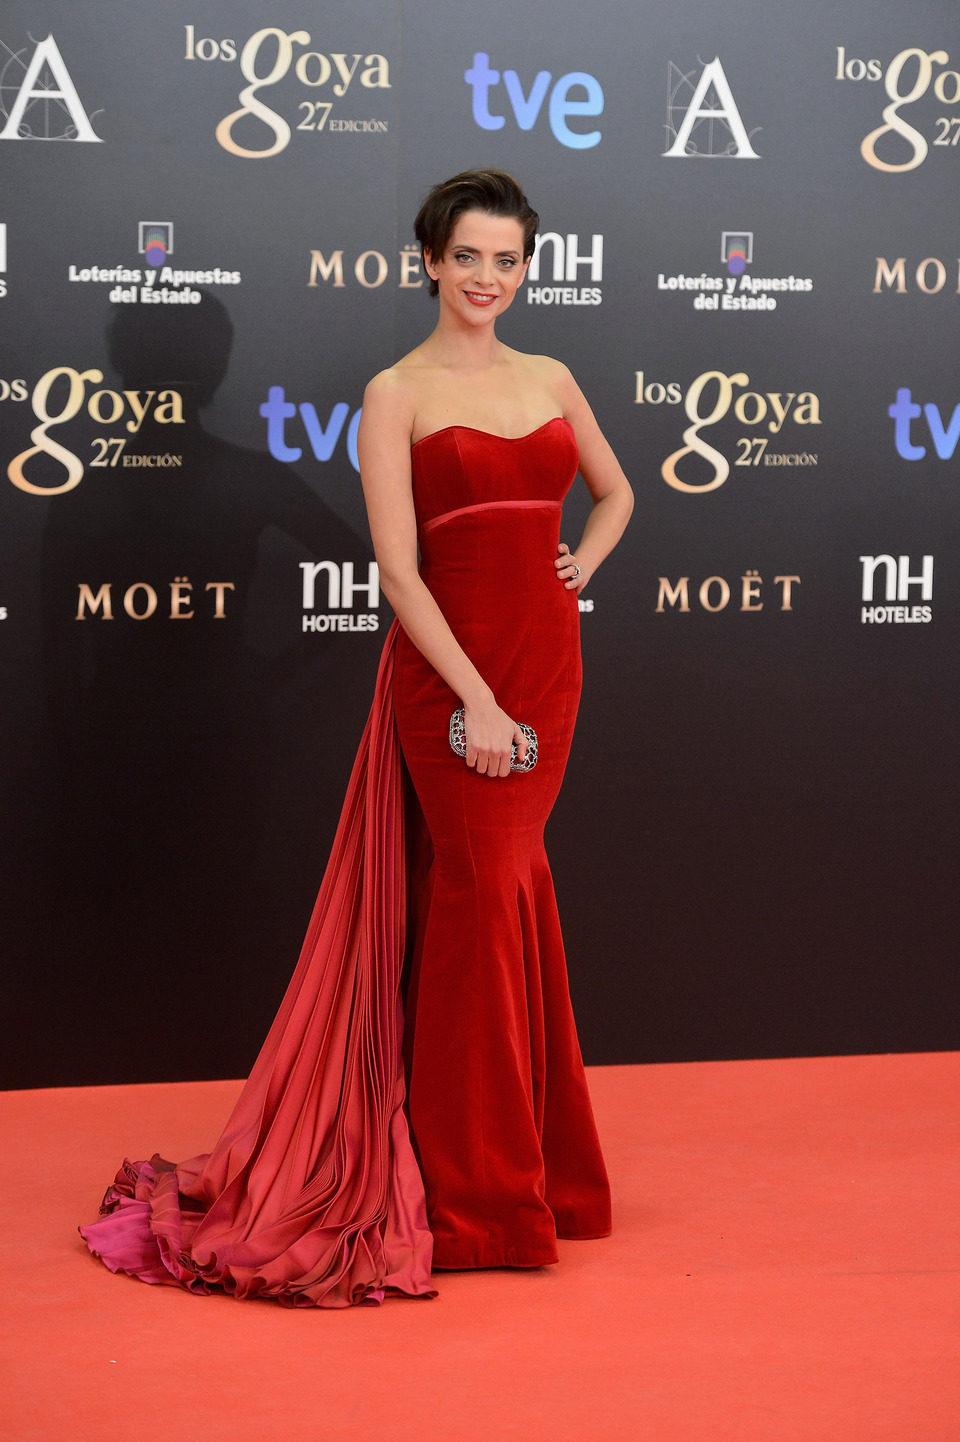 Macarena Gómez en los Premios Goya 2013